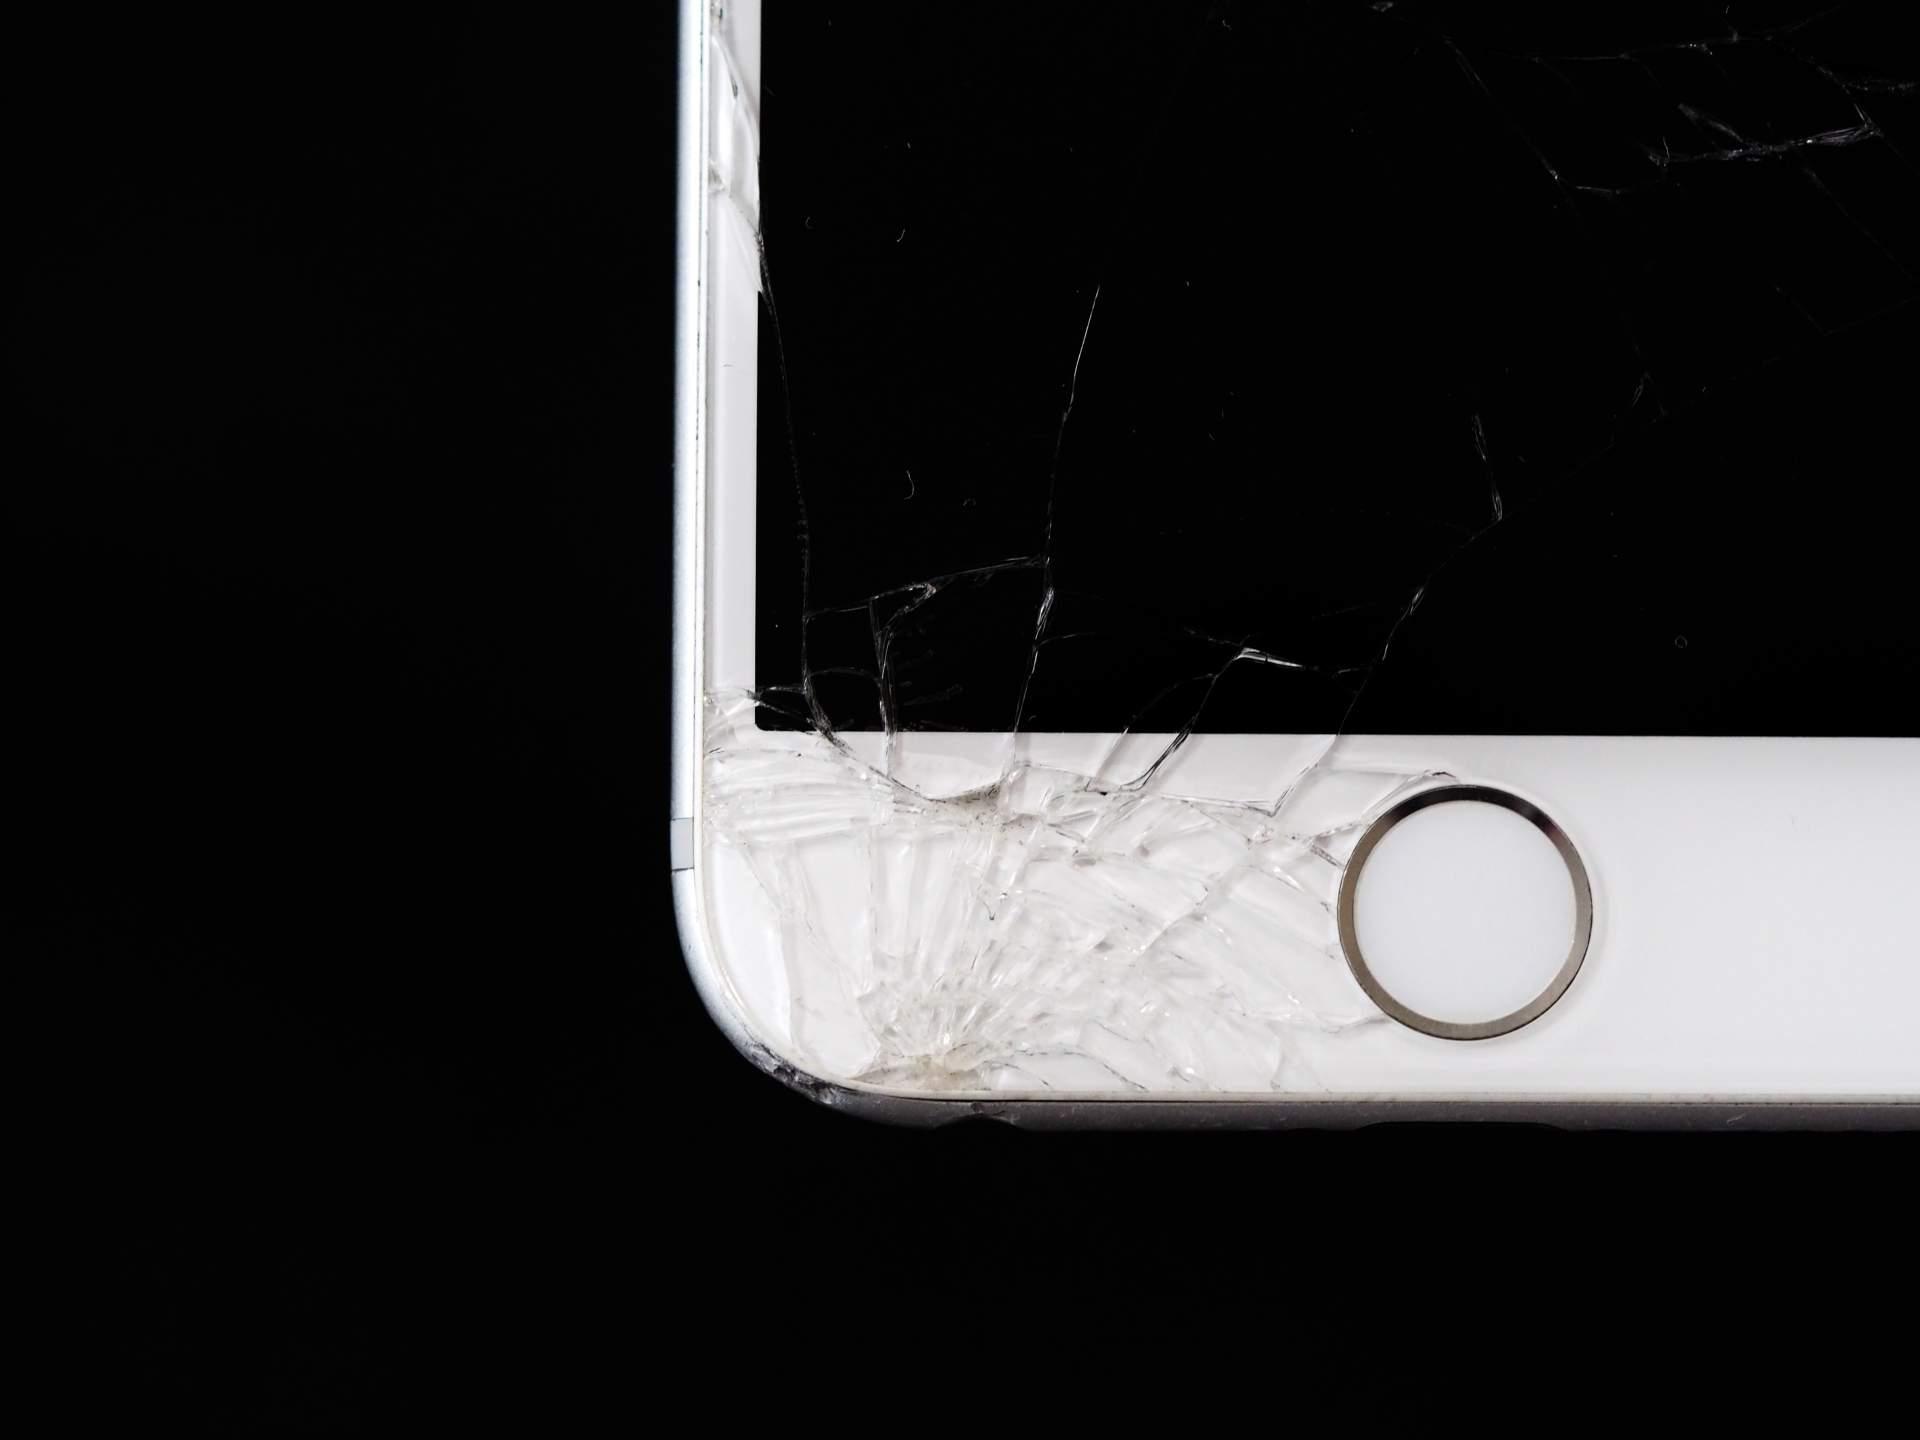 Ein Smartphone-Totalschaden ist schnell passiert.